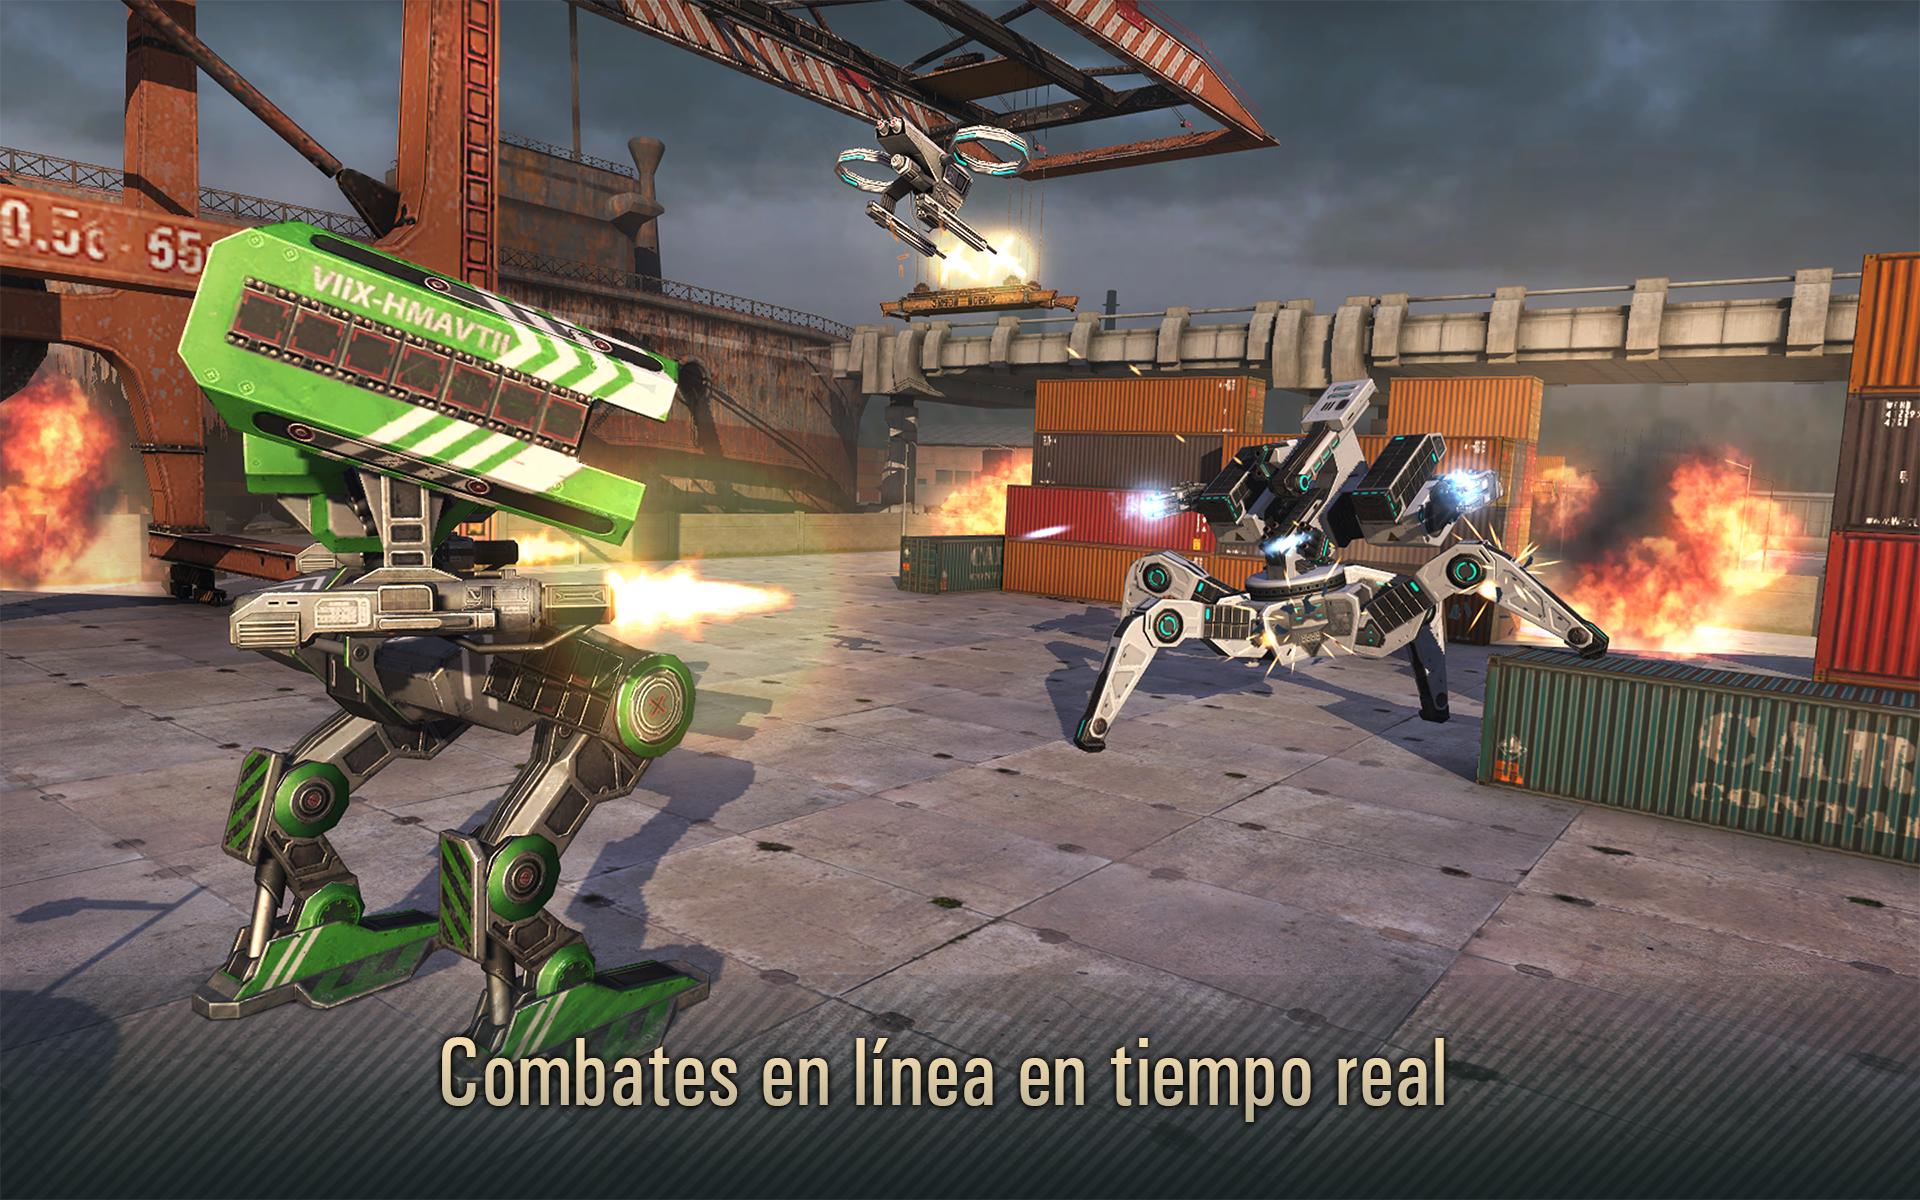 WWR: Ataque de Robot 3D: Amazon.es: Amazon.es